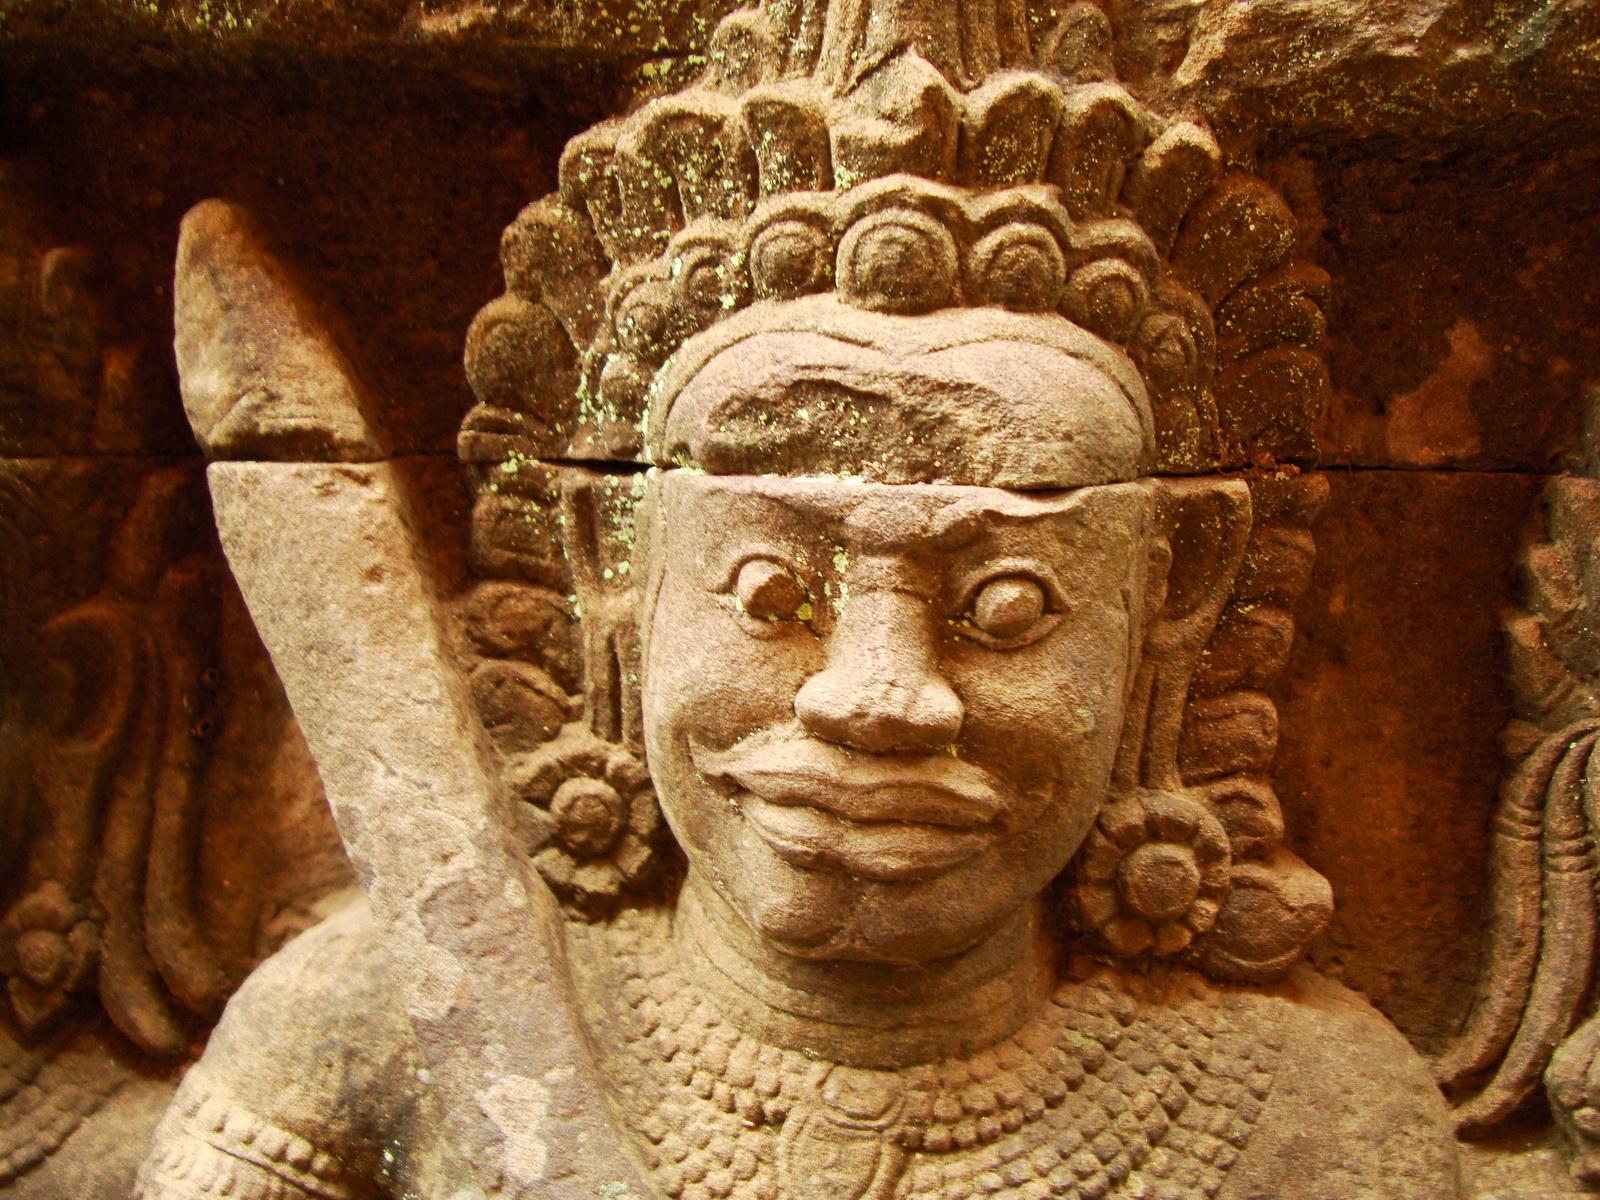 Leper King Terrace hidden wall underworld Nagas and deities 142